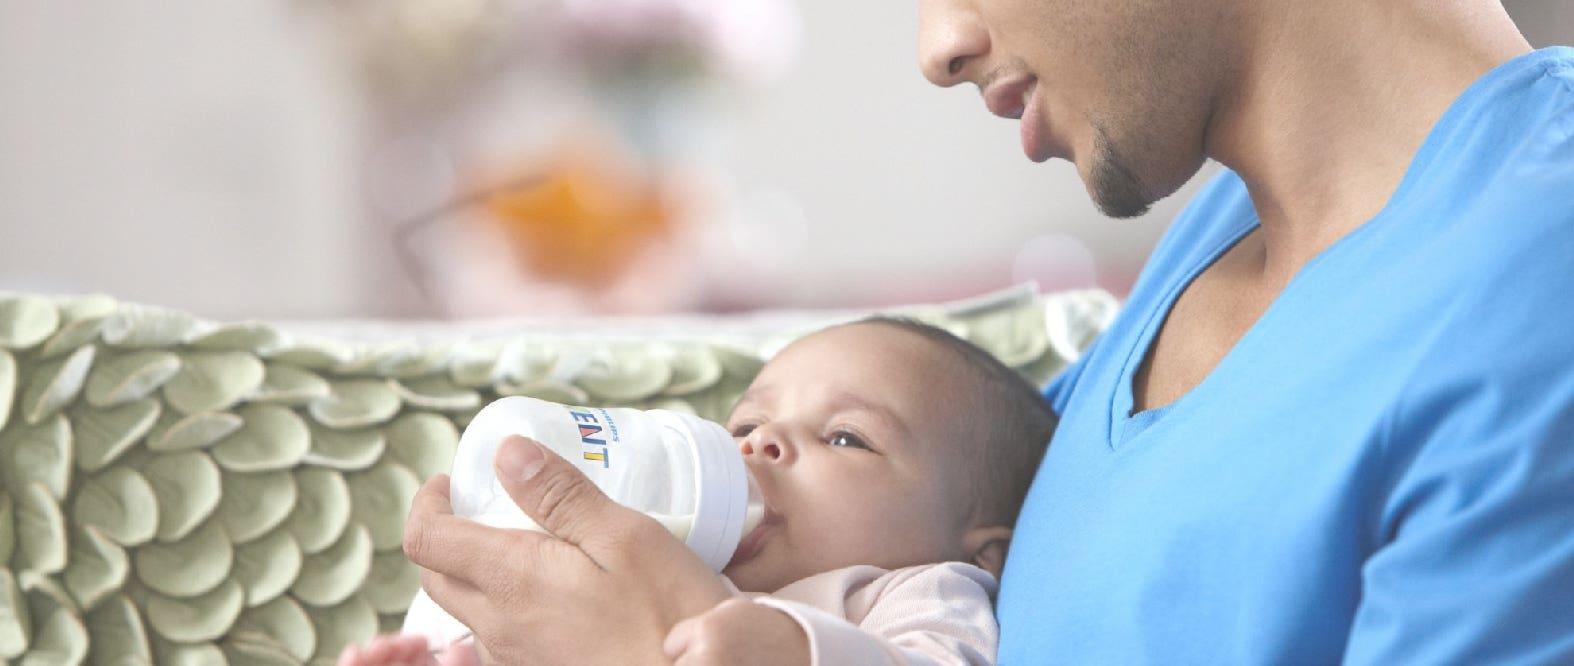 ¿Cómo esterilizo la mamadera de mi bebé?